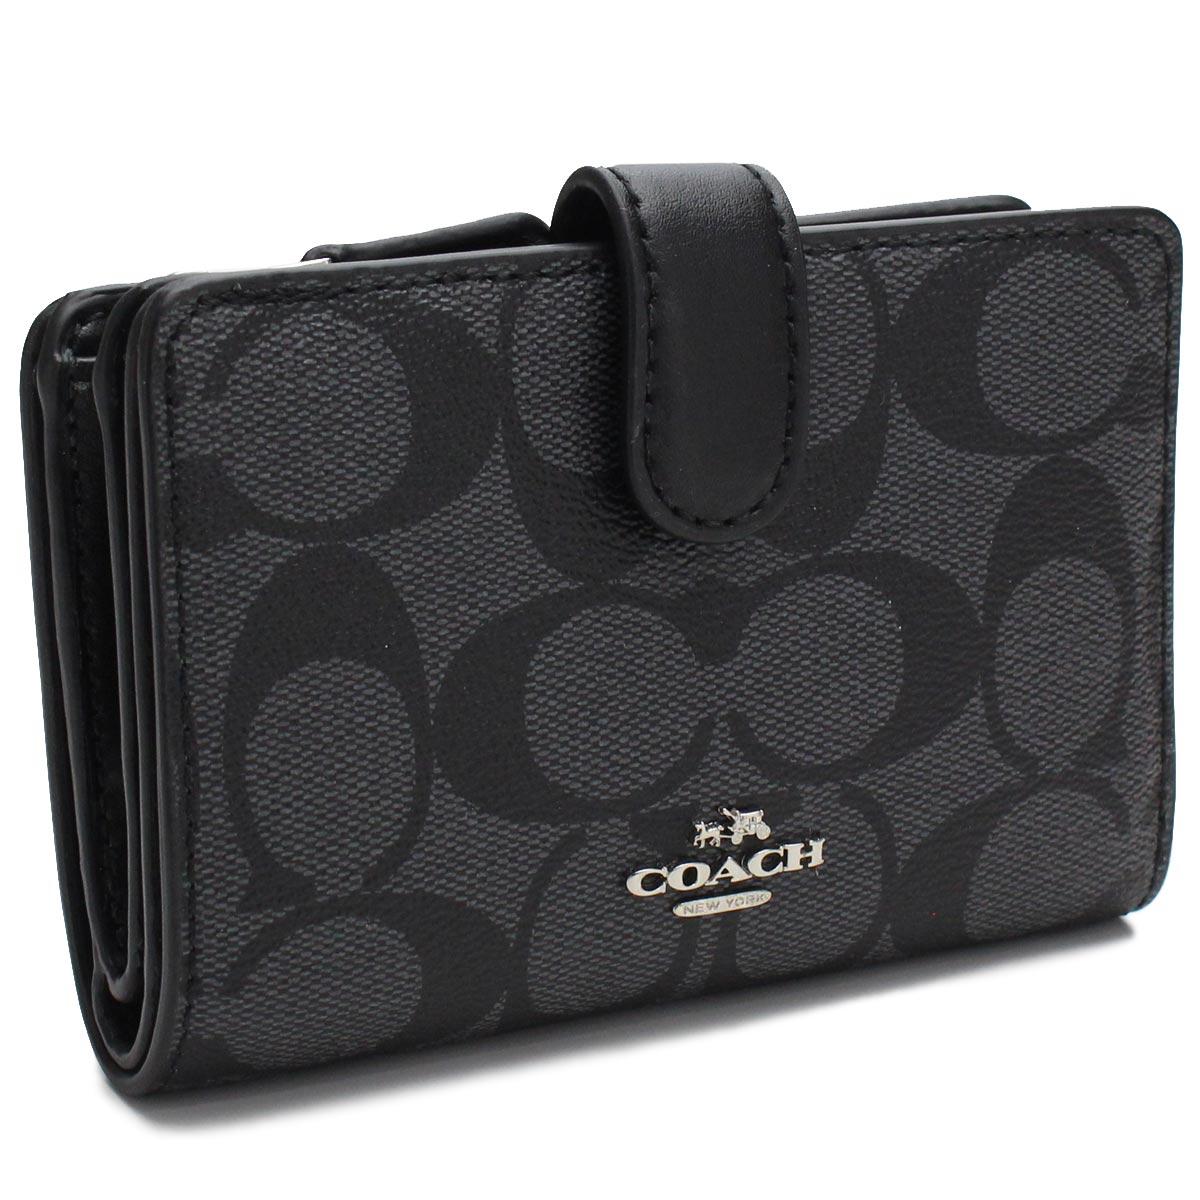 コーチ COACH 財布 2つ折り財布 小銭入れ付き コンパクト財布 F23553 SVDK6 ブラック レディース